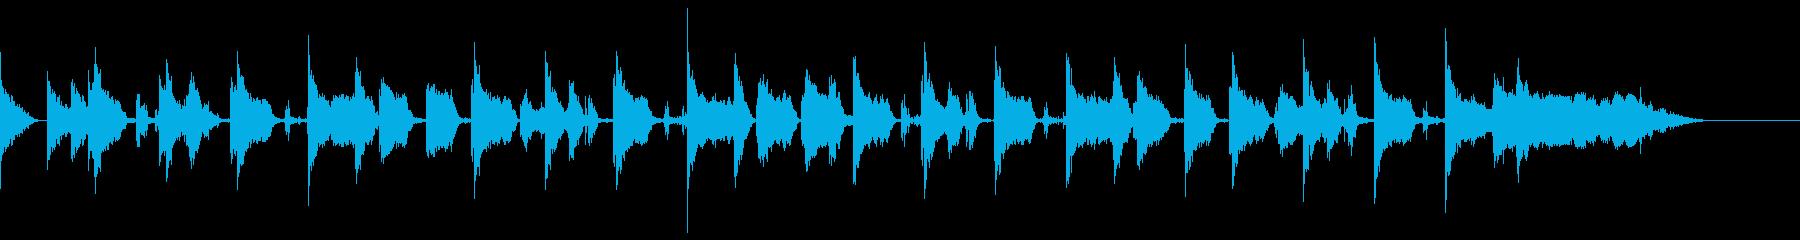 場面転換、ラジオ向けのおしゃれなジングルの再生済みの波形